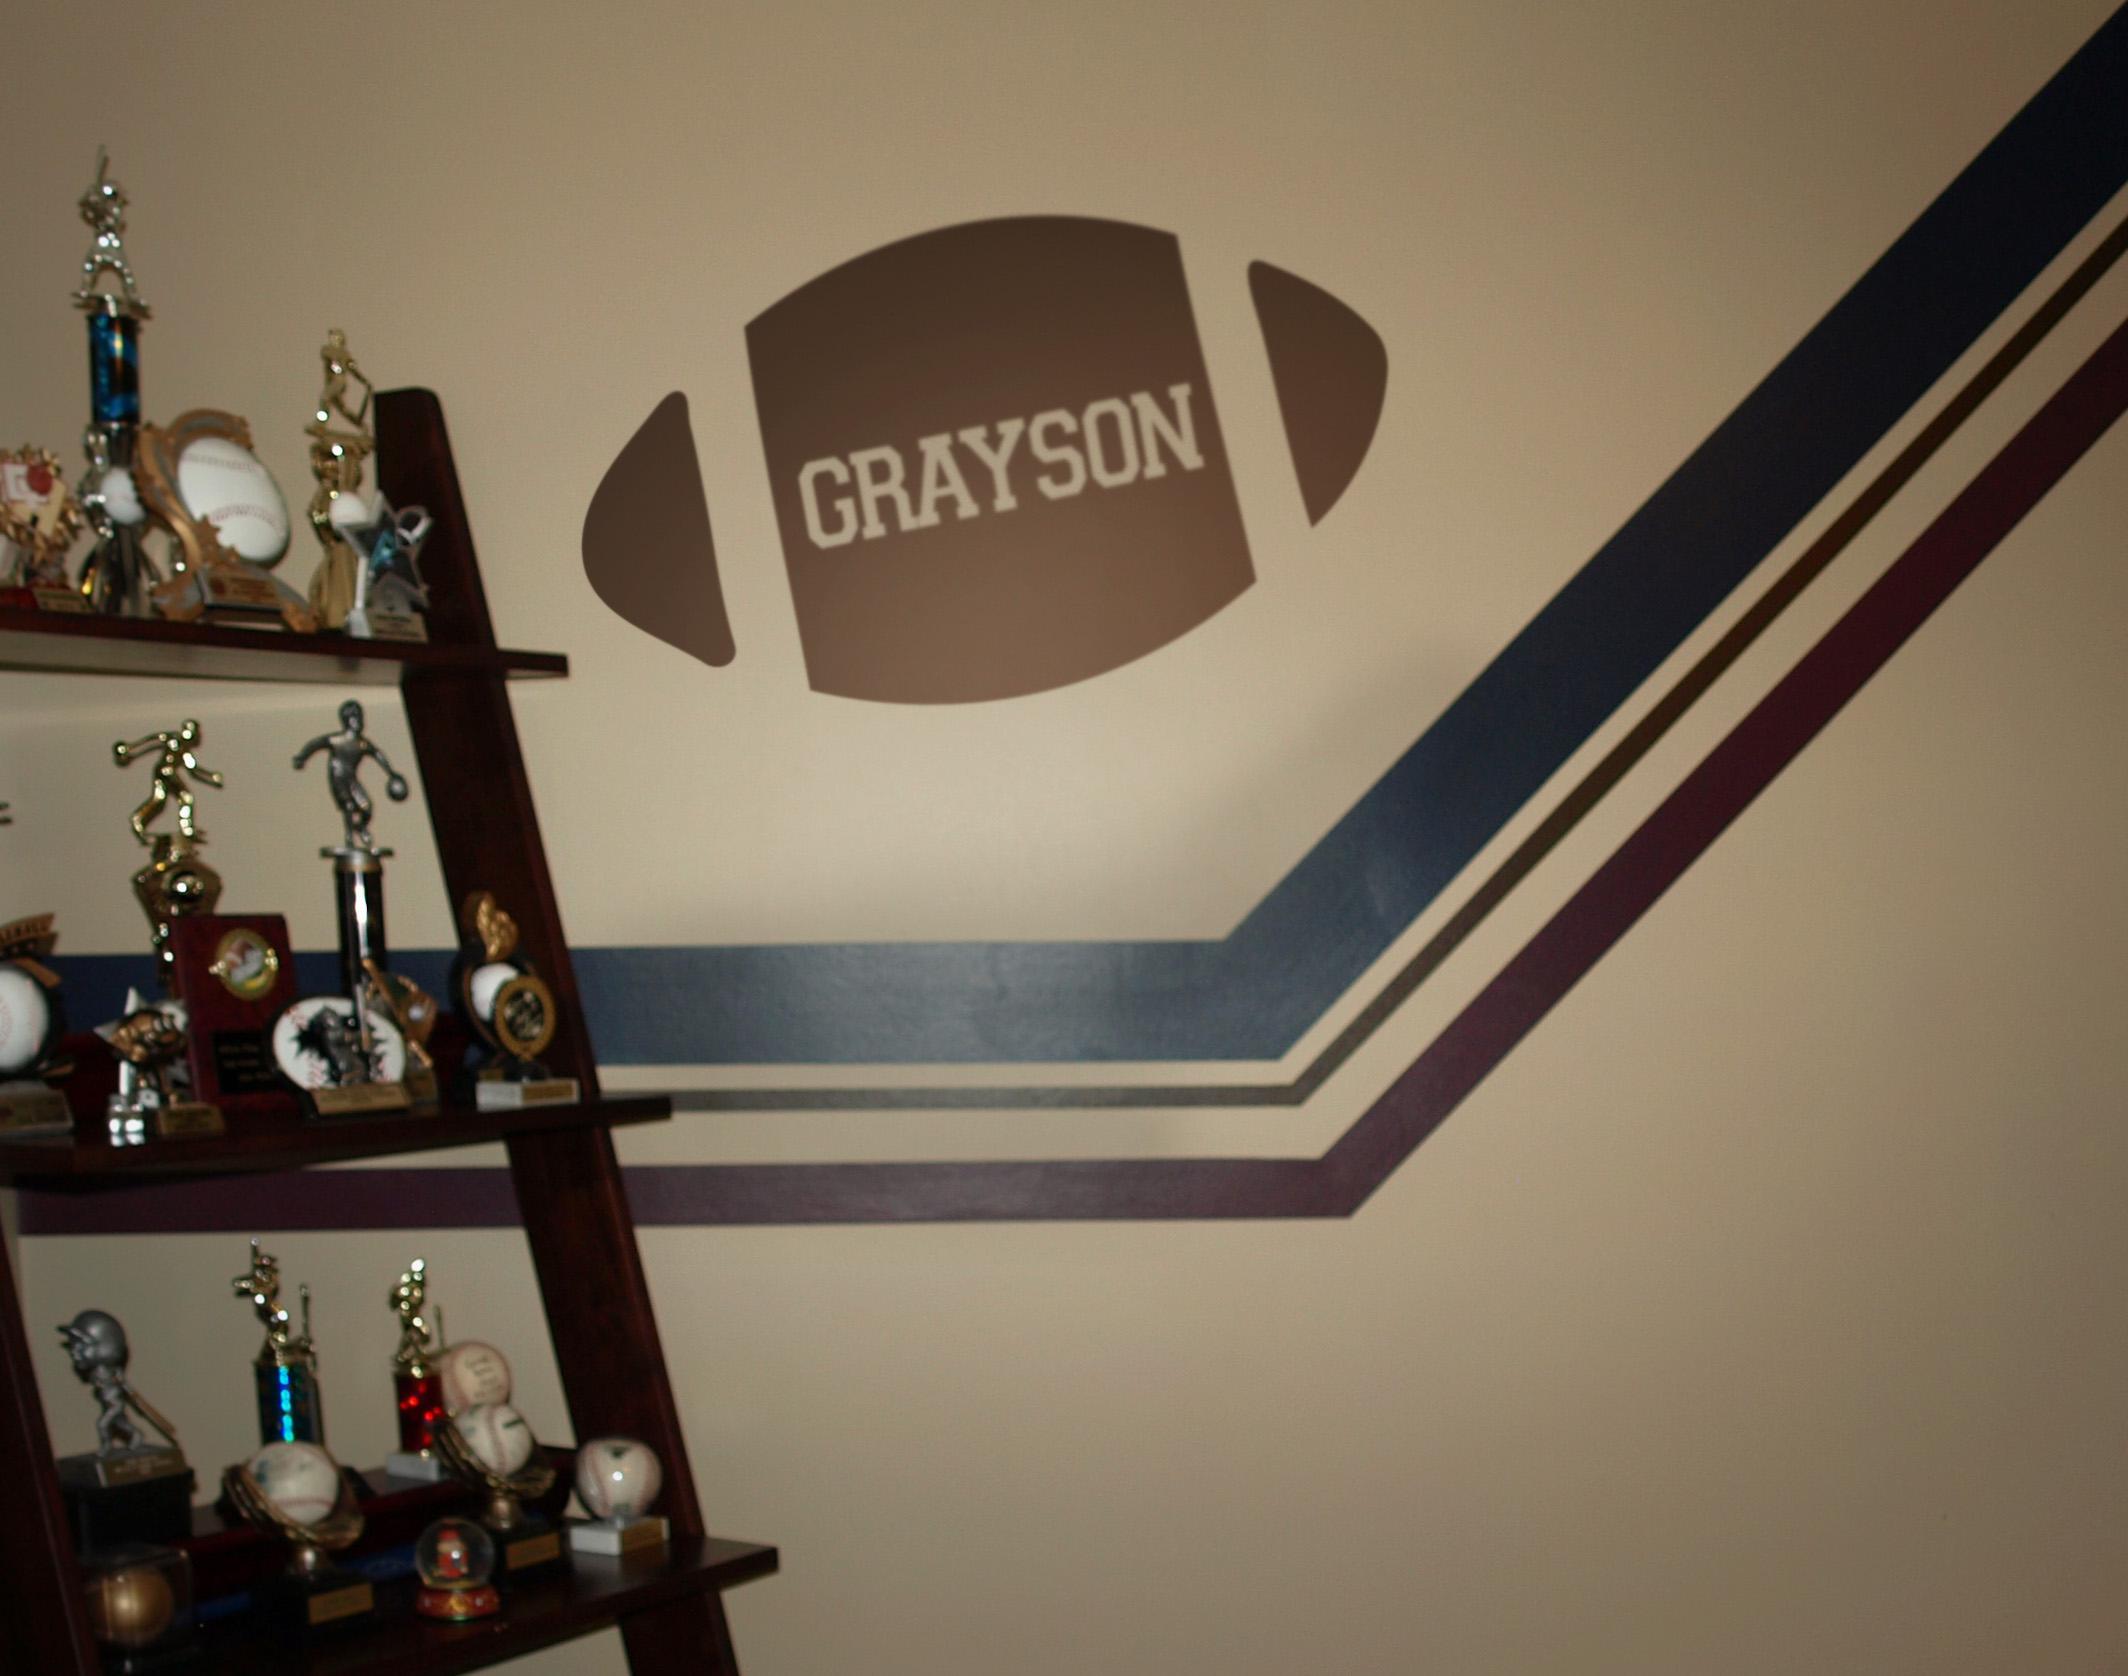 Football Name Wall Decal